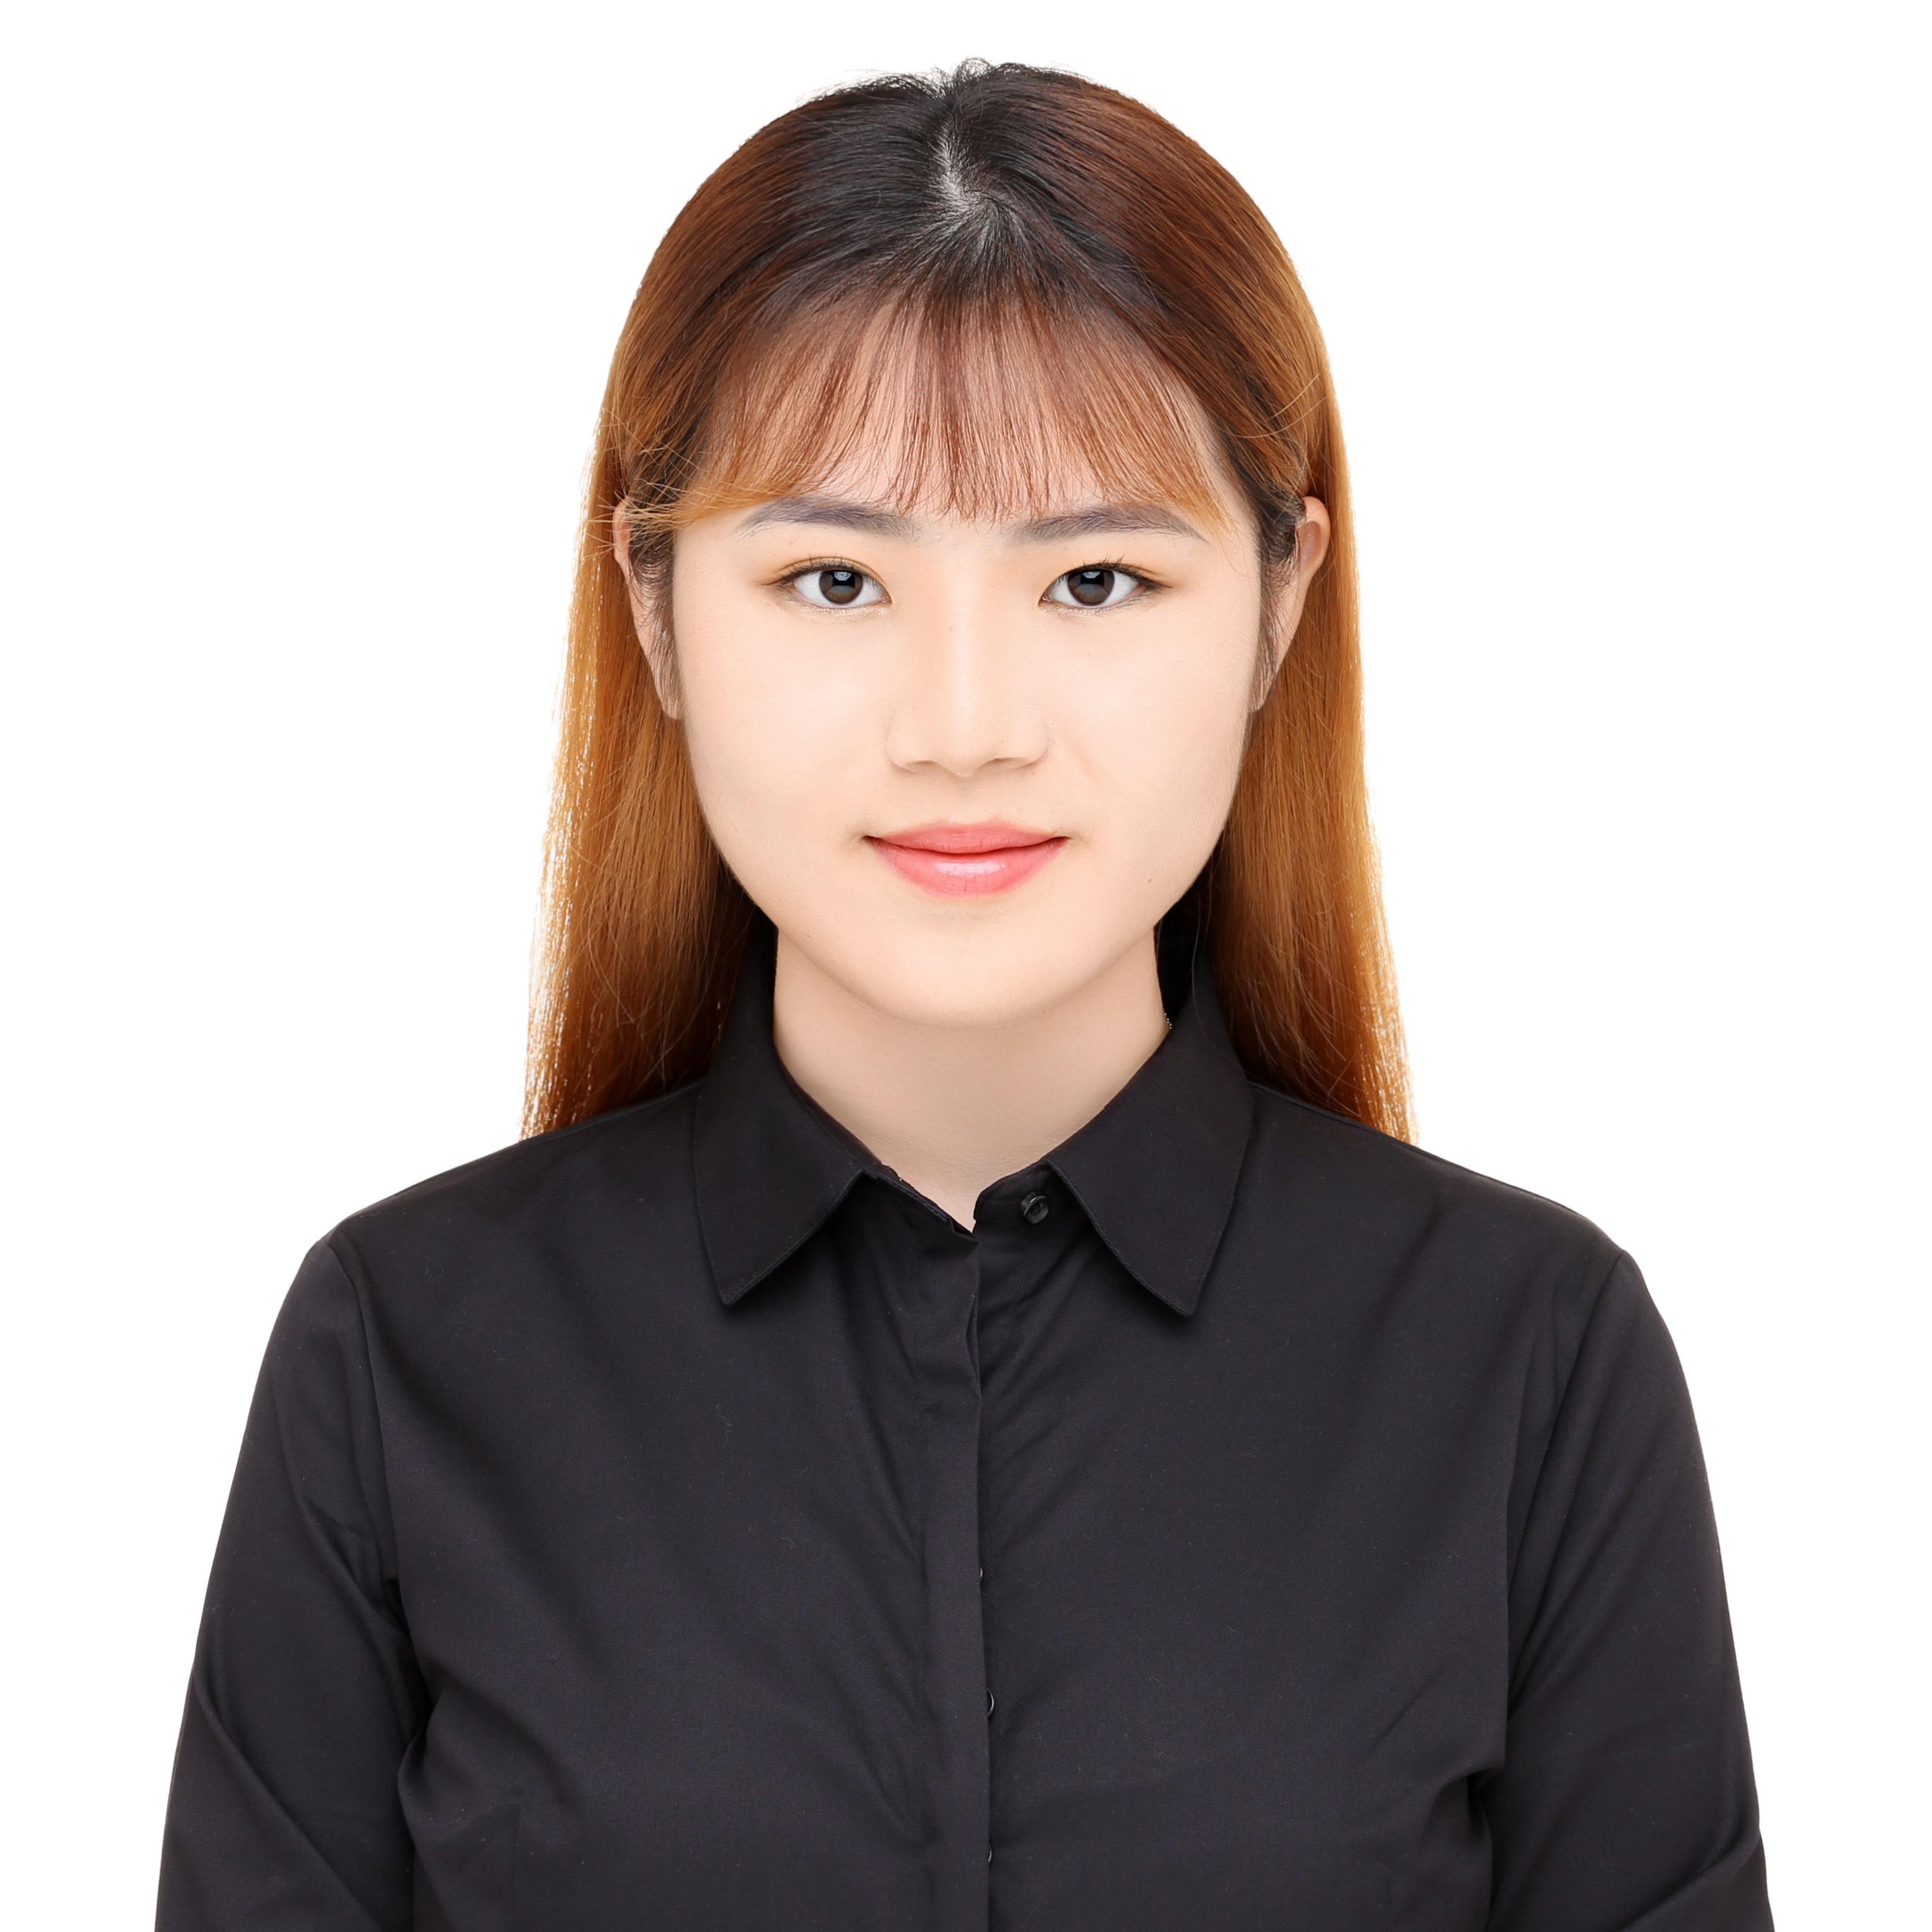 深圳家教李教员